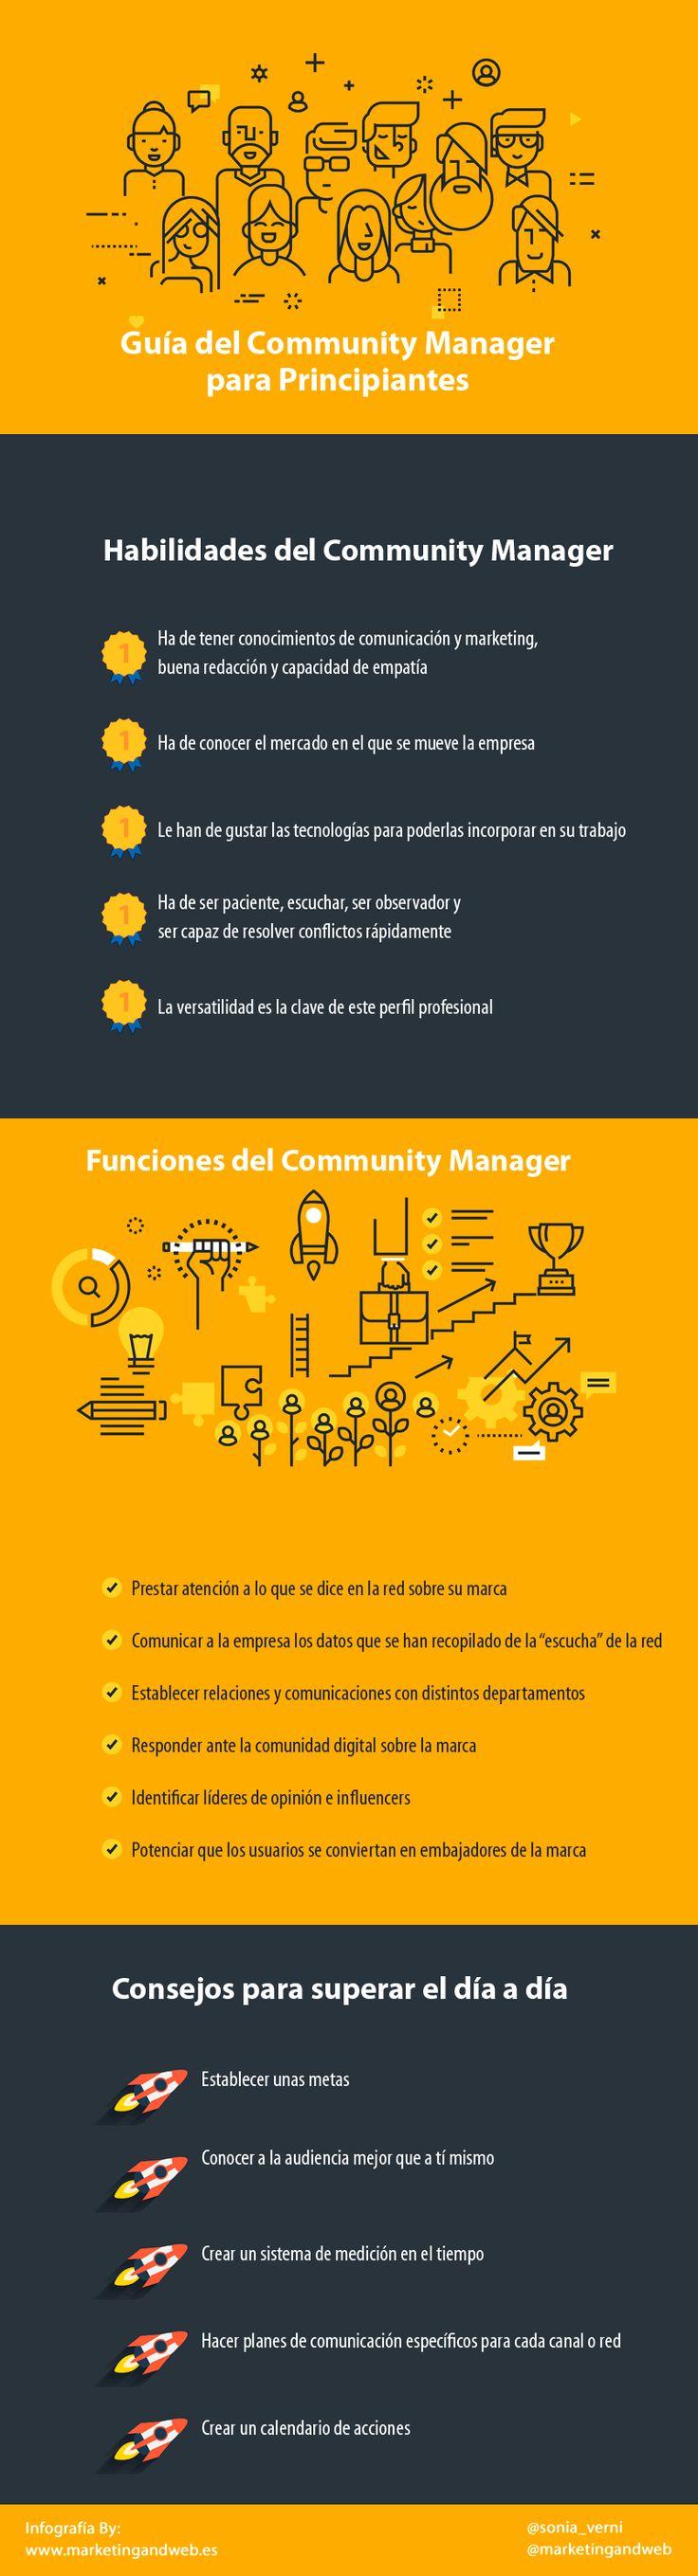 guía del community manager para principiantes  #redessociales #socialmedia #communitymanager